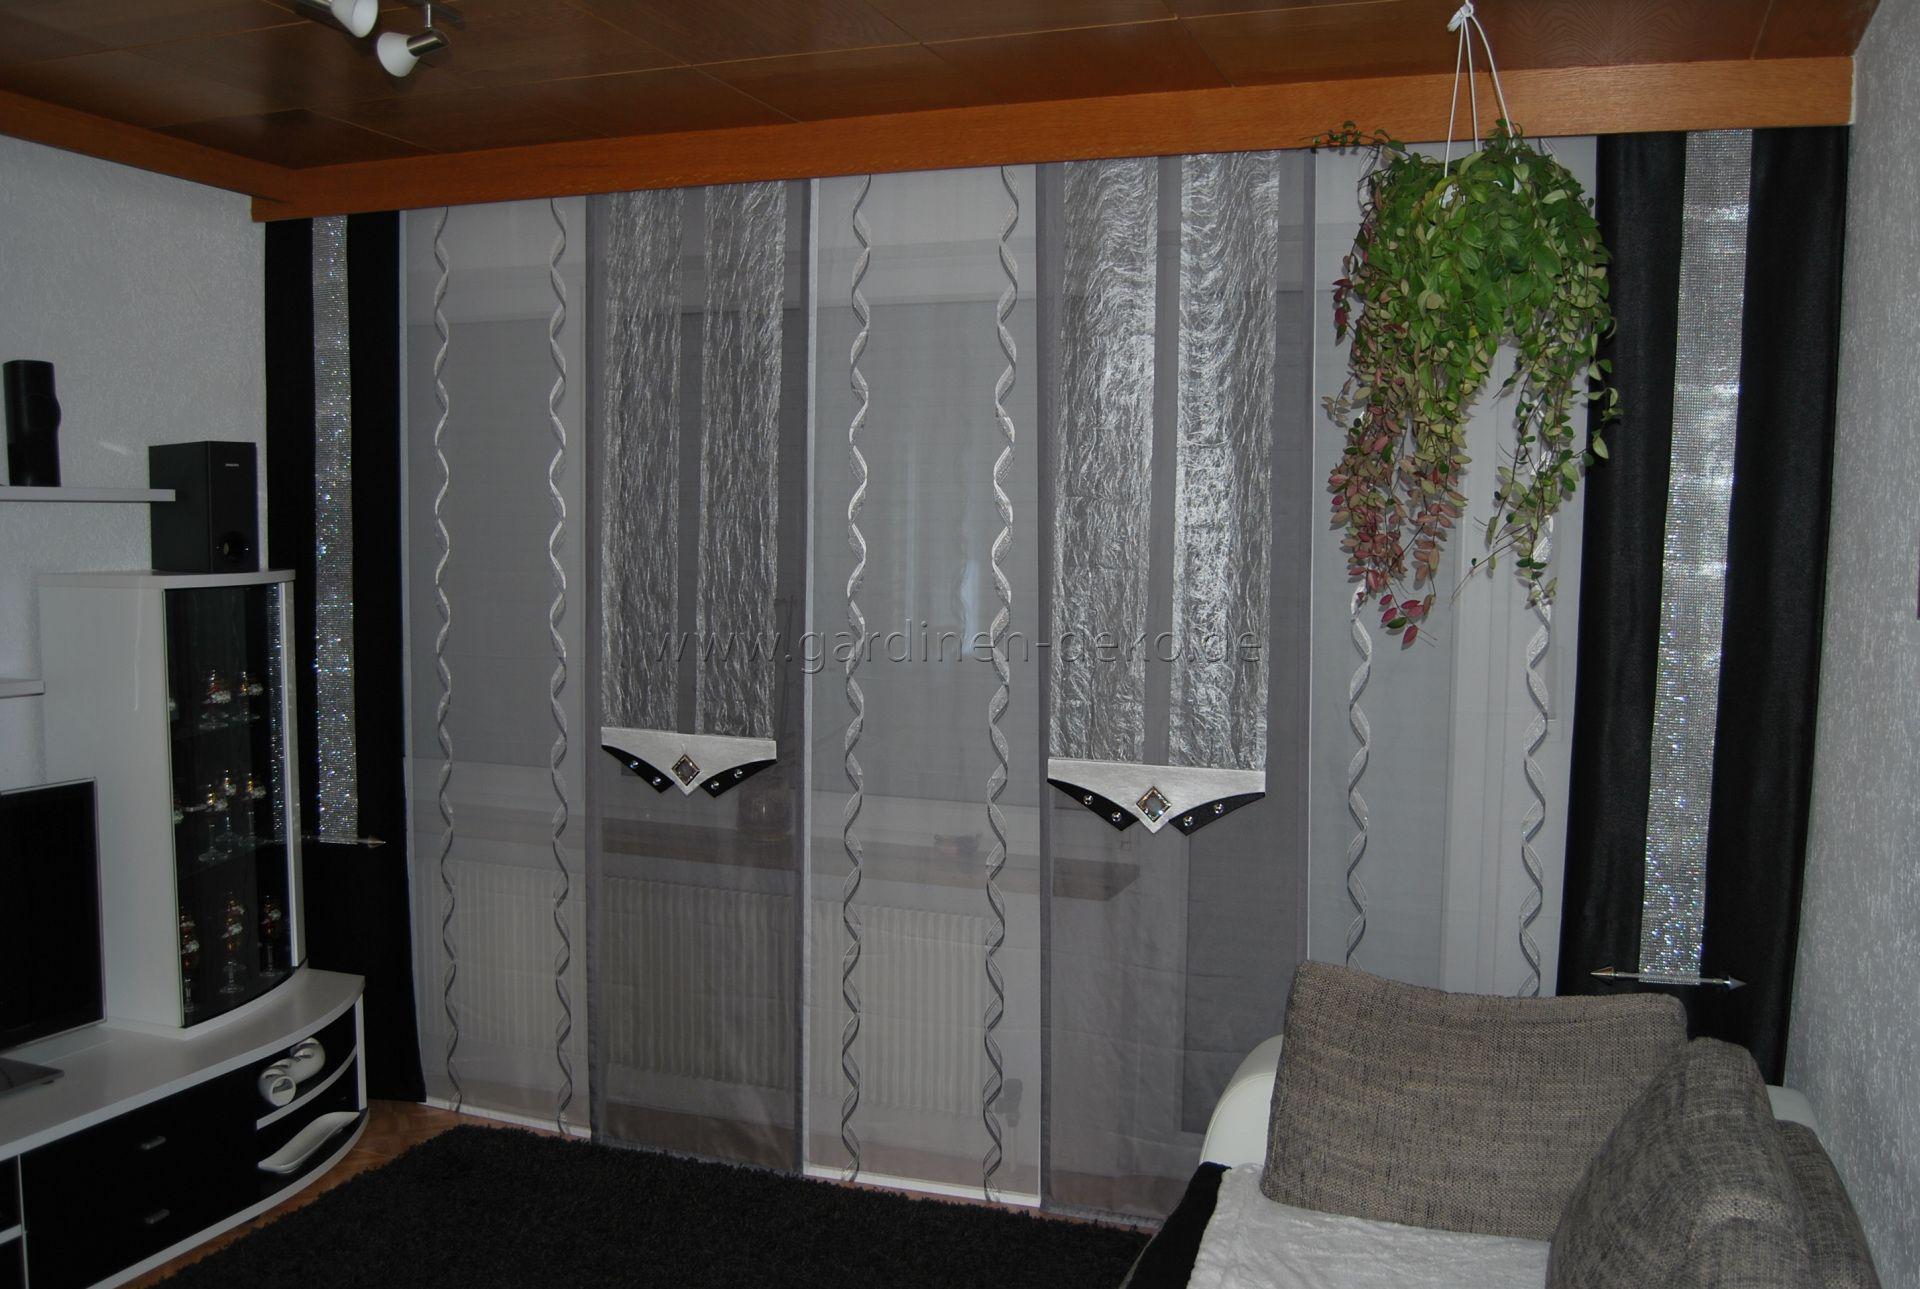 Wohnzimmer Schiebevorhang In Weiss Silber Und Grau Mit Dunklen Seitenschals